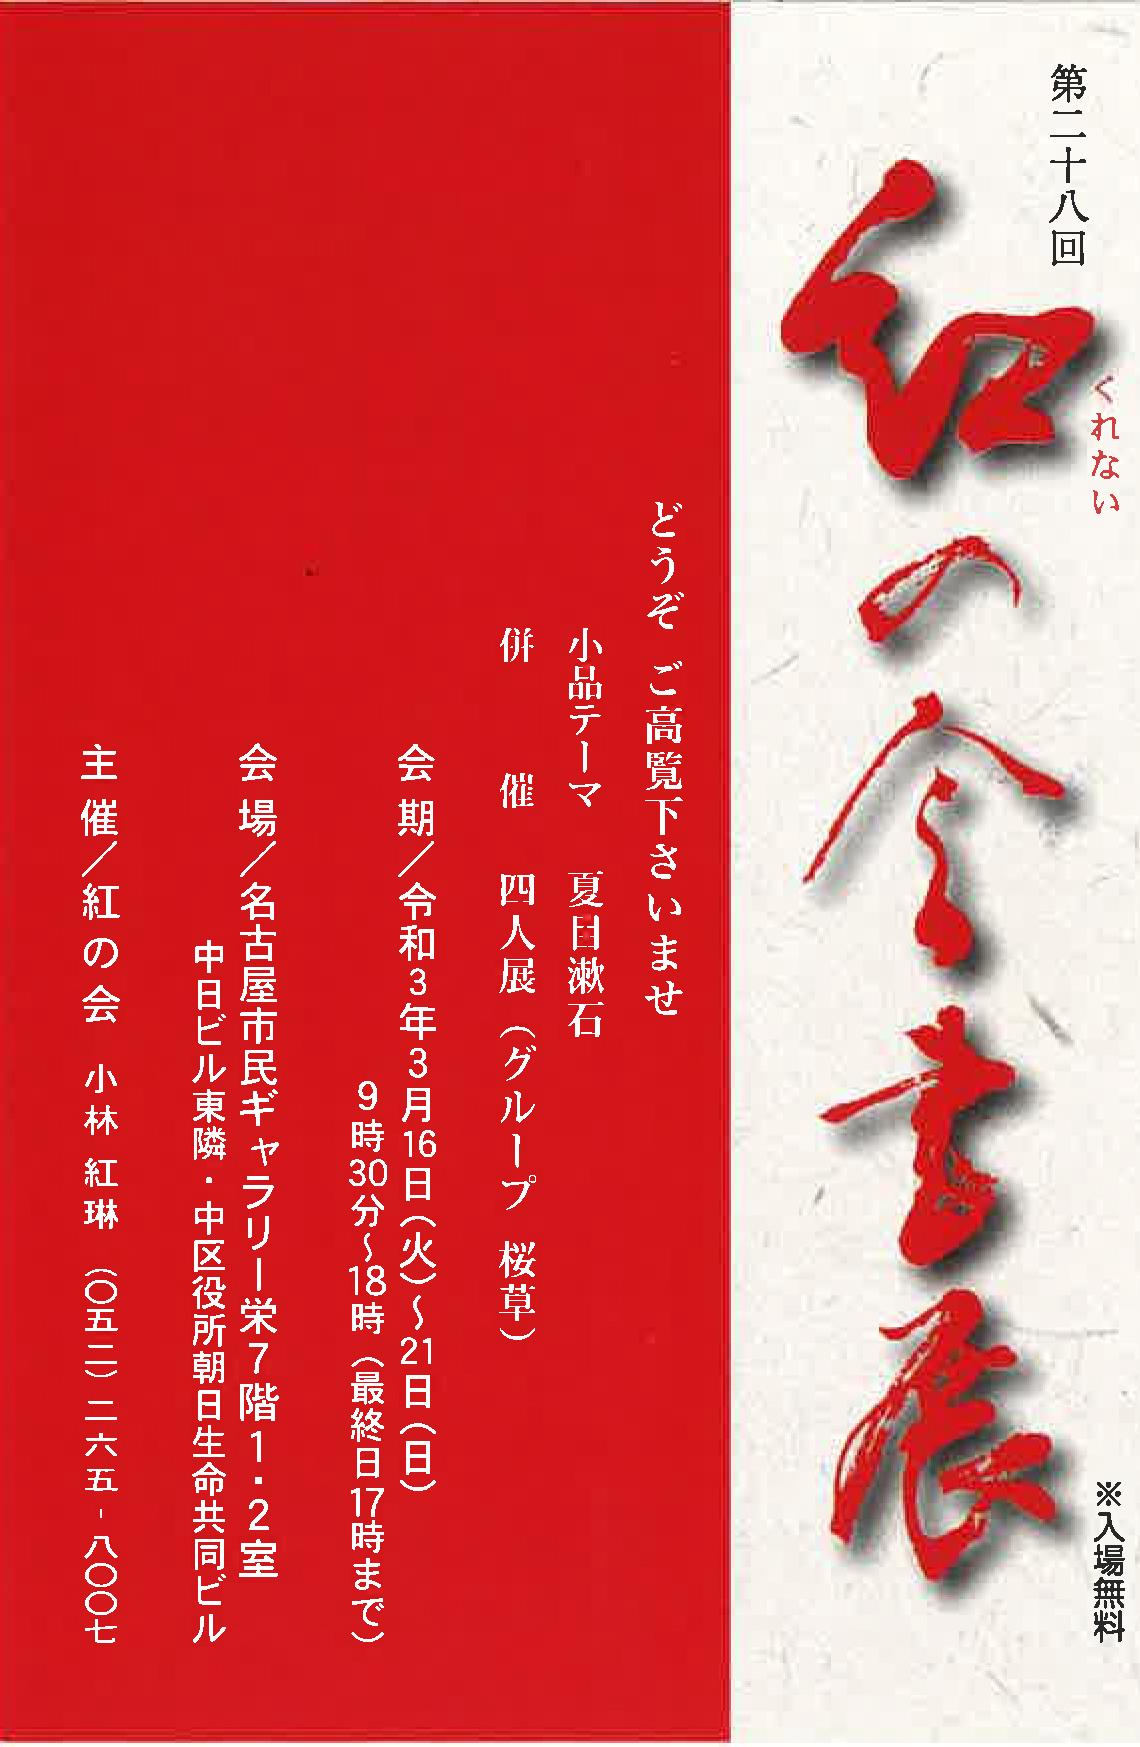 【展覧会情報】第28回紅の会書展